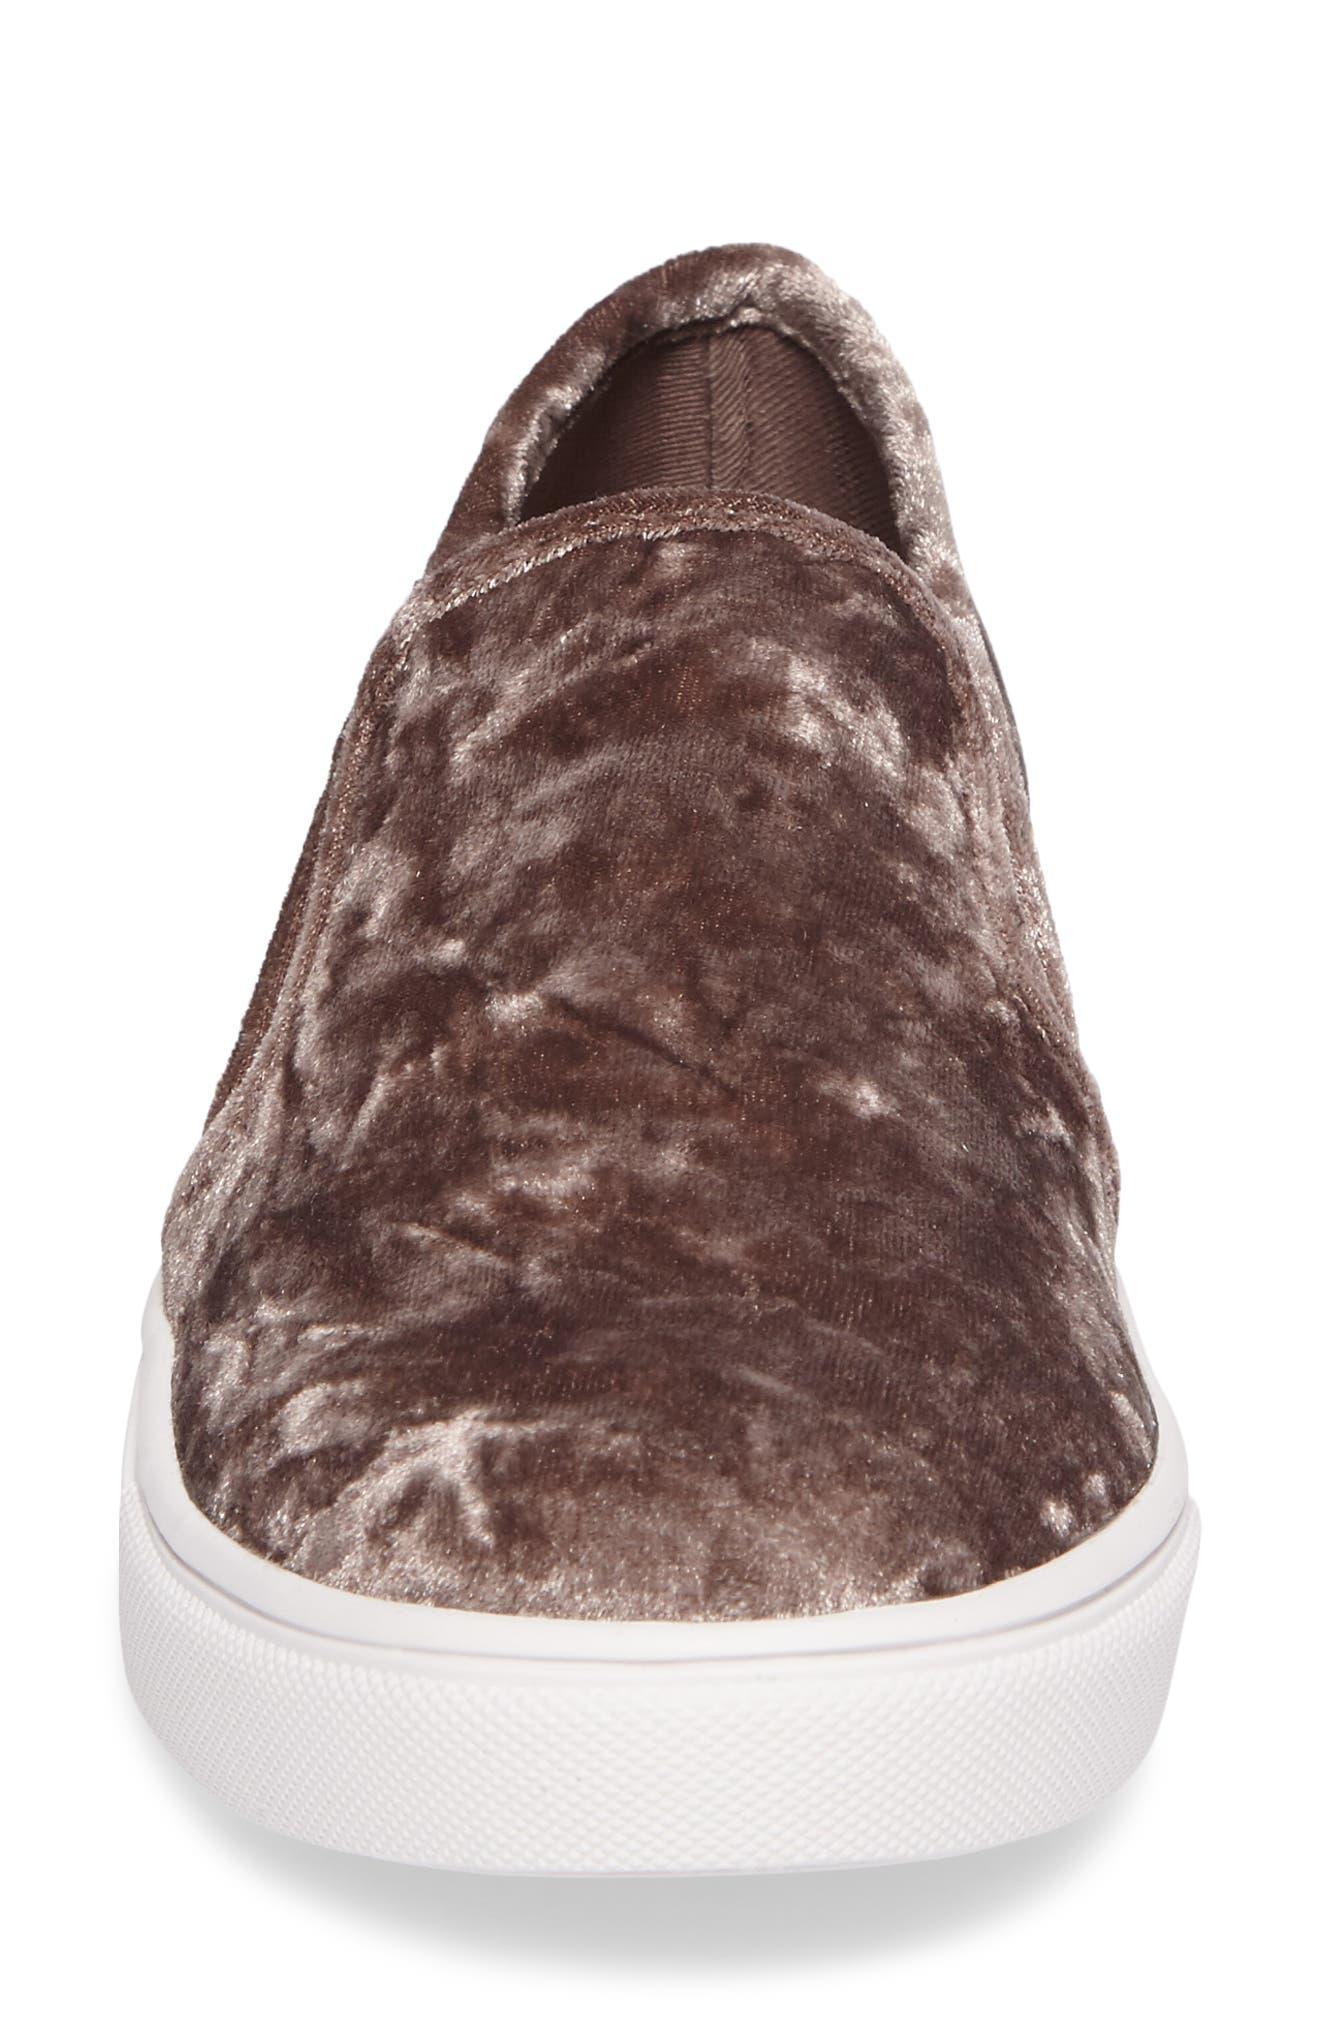 Ecntrcv Slip-On Sneaker,                             Alternate thumbnail 4, color,                             Mushroom Fabric